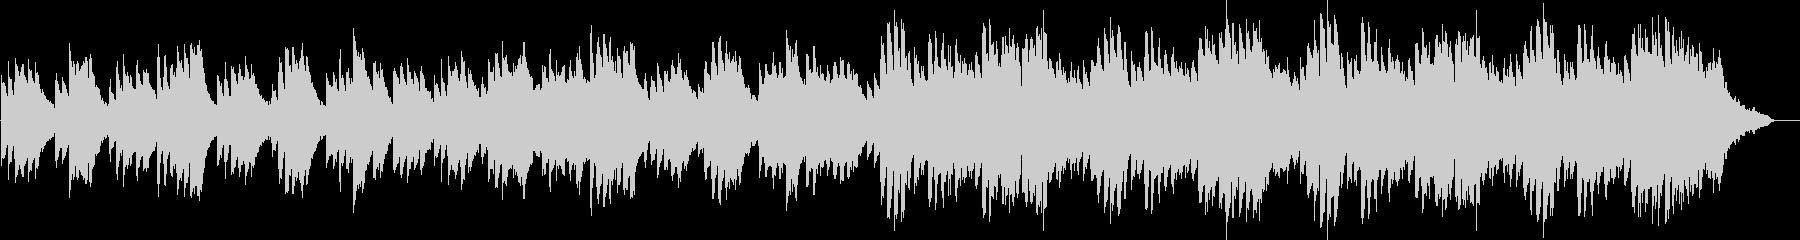 ピアノを主体とした静かめのBGMの未再生の波形